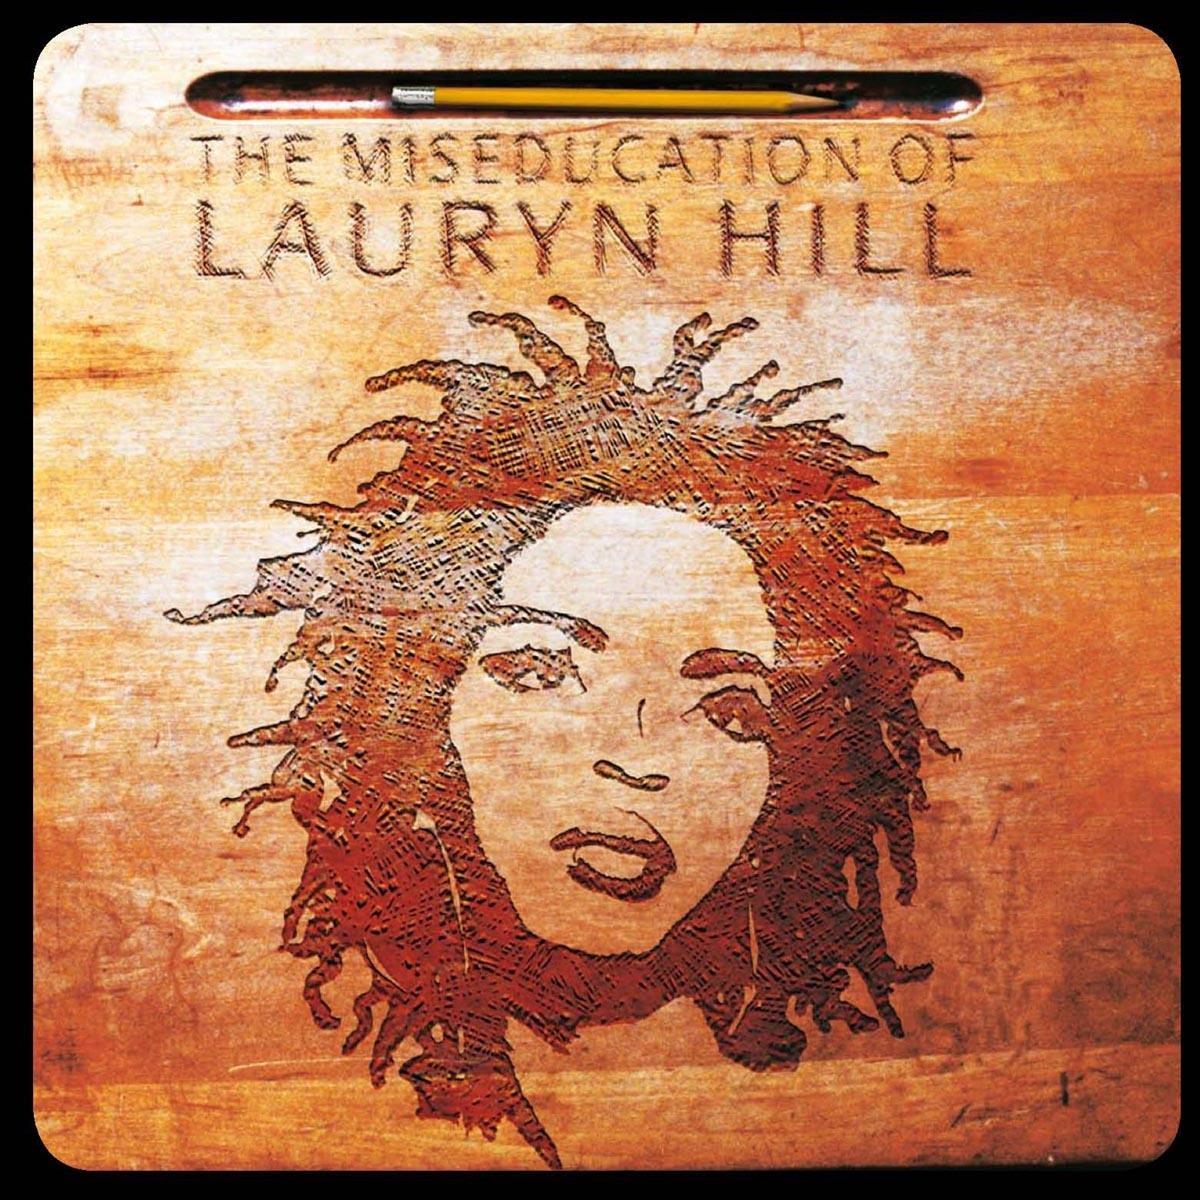 The Miseducation of Lauryn Hill [Vinyl] by Lauryn Hill